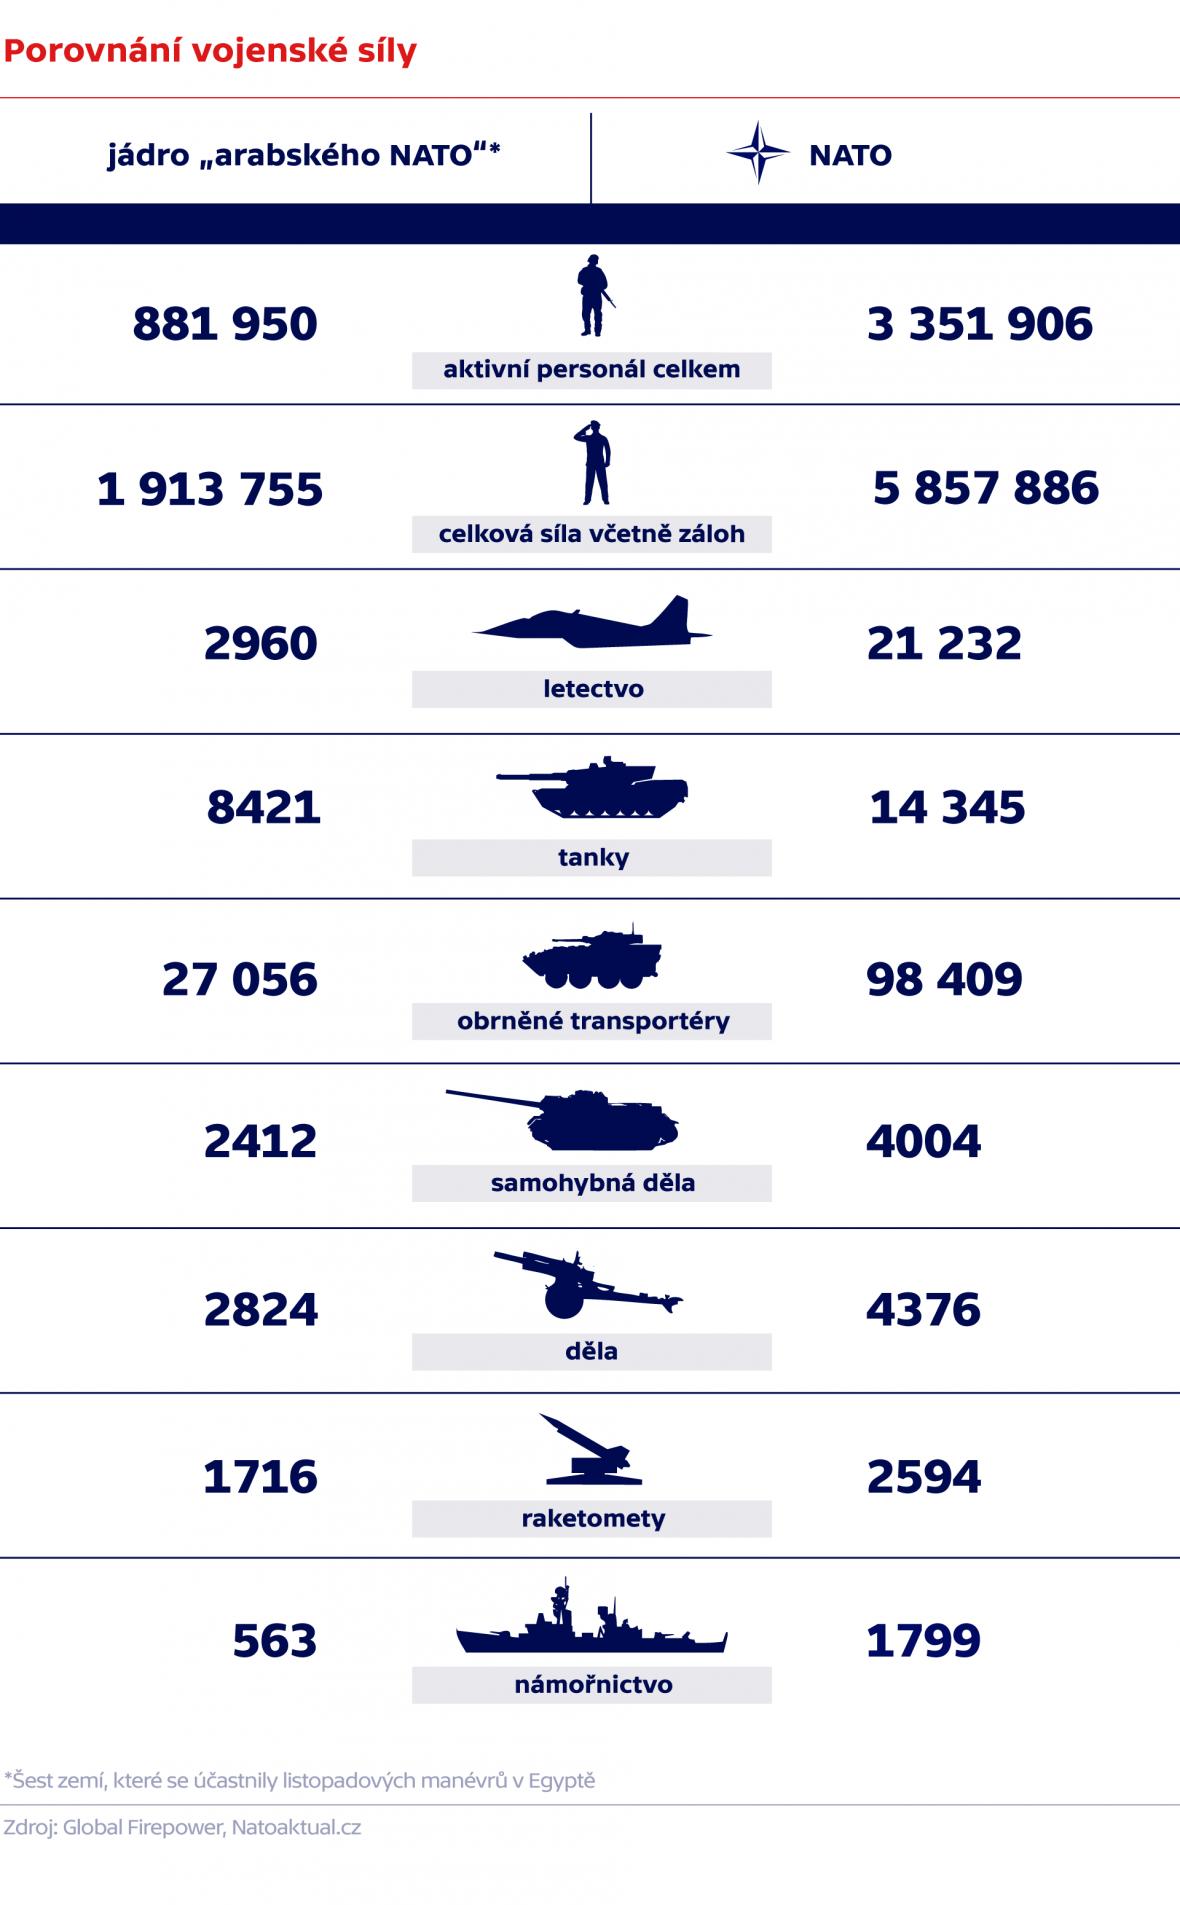 Porovnání vojenské síly